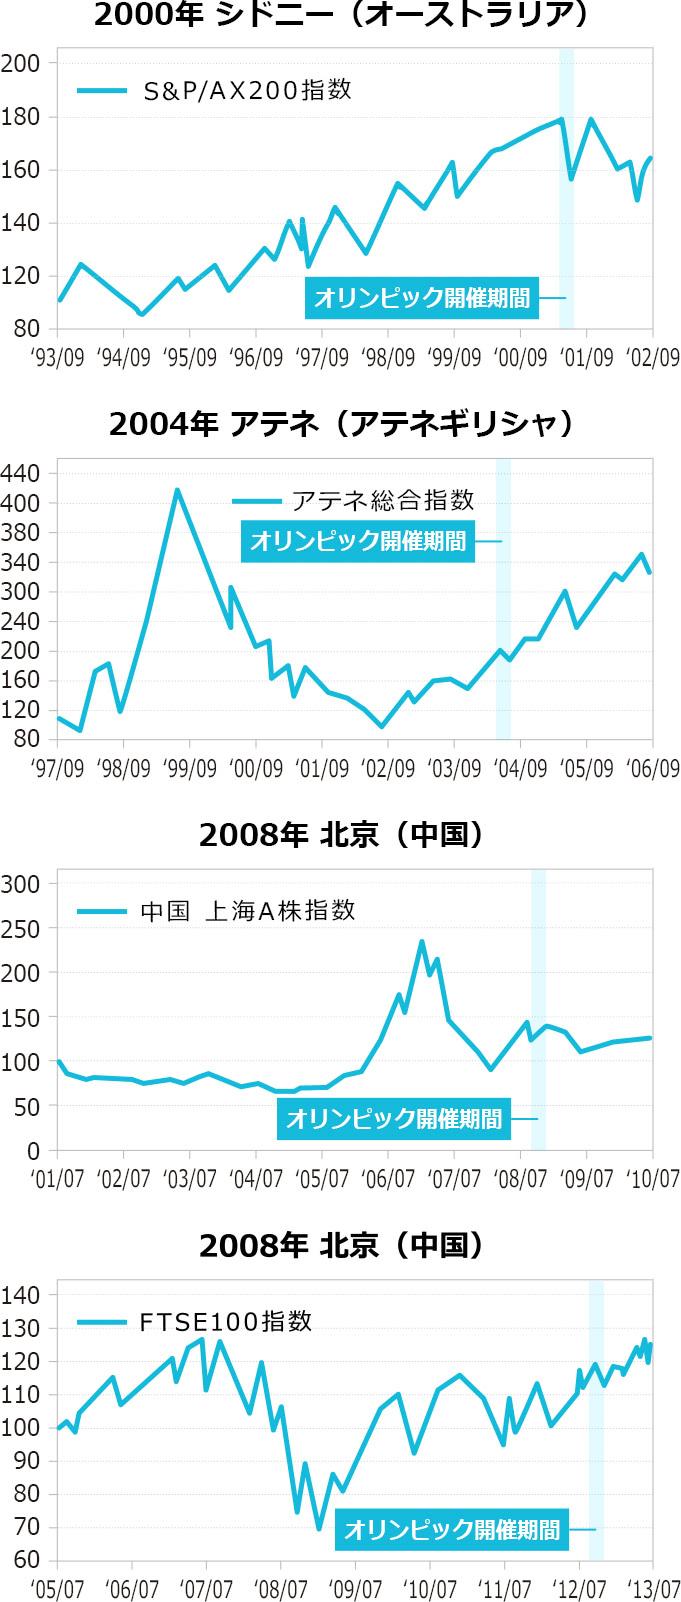 オリンピック後の株価